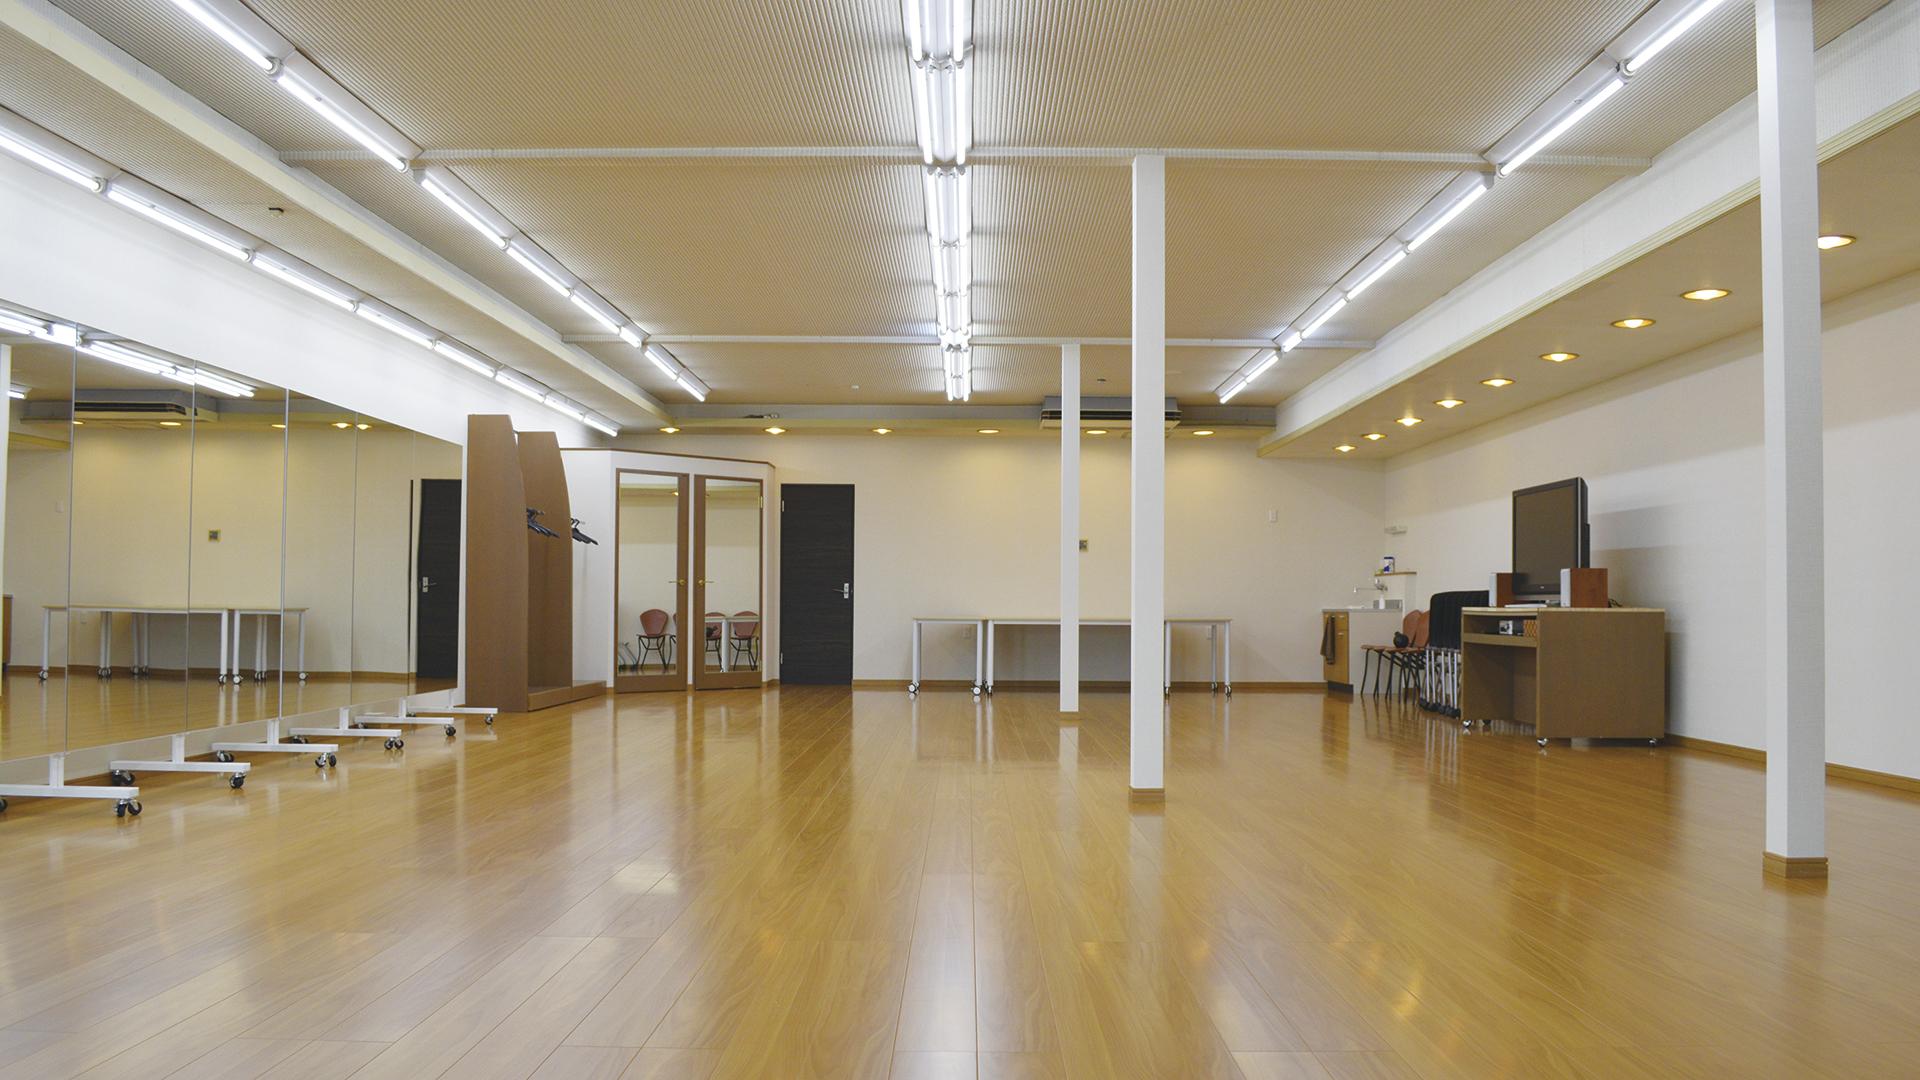 新潟市の多目的レンタルスタジオ オン・デザイン【STUDIO ON-DESIGN】